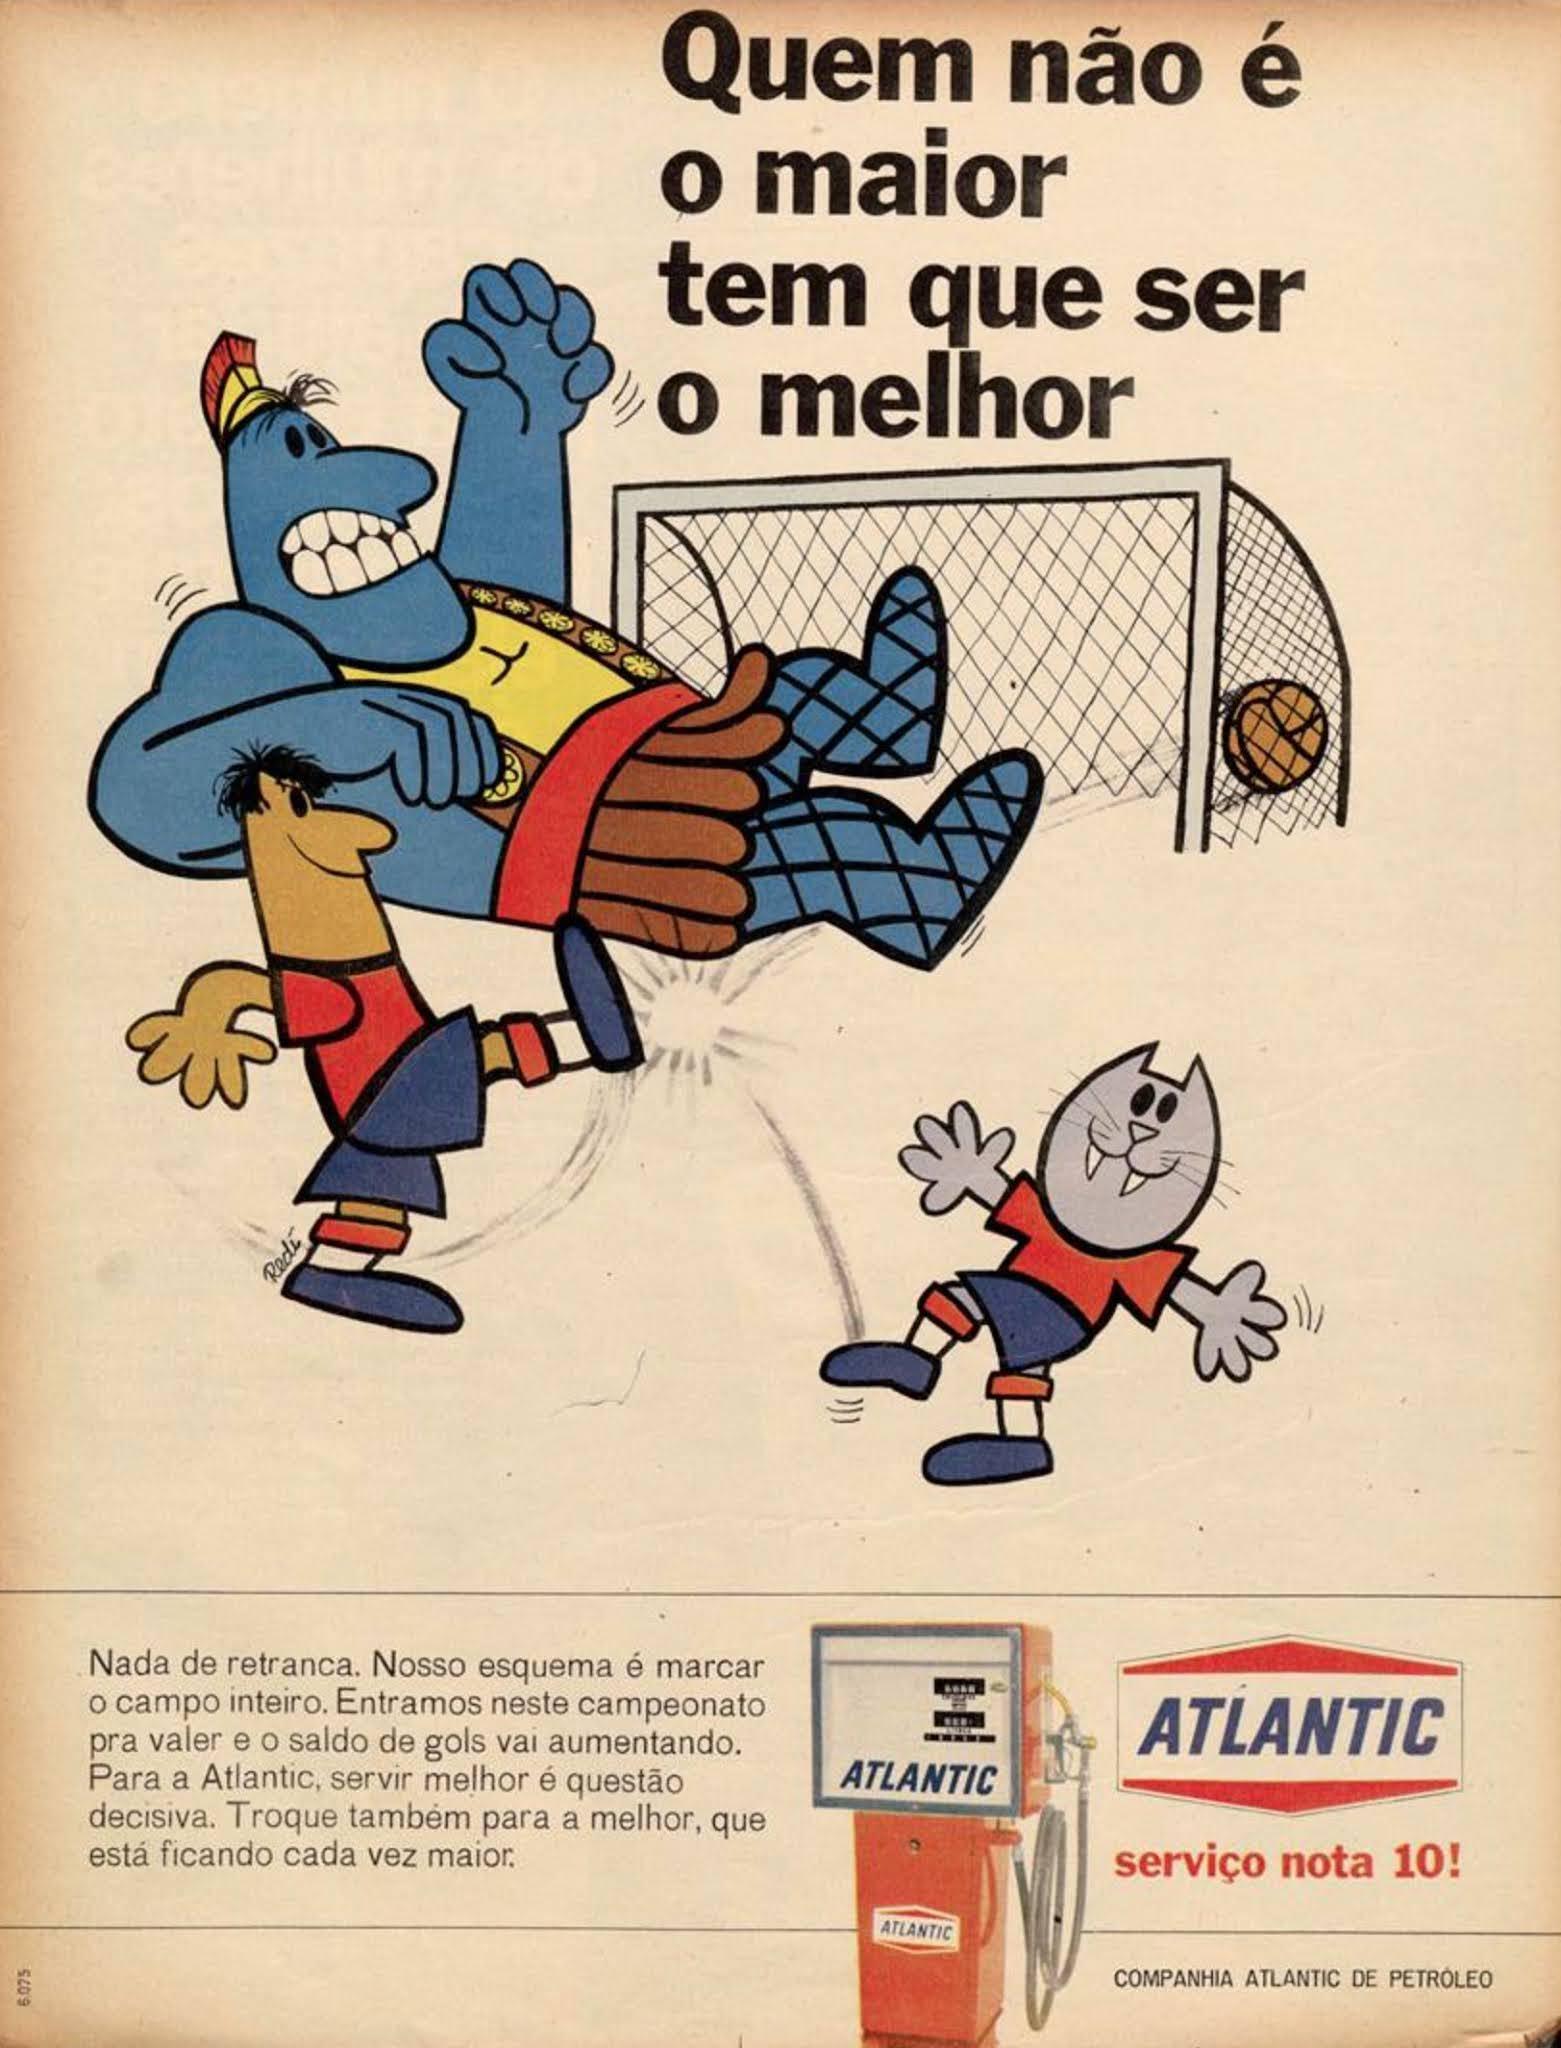 Anúncio veiculado em 1970 promovendo a rede de postos Atlantic